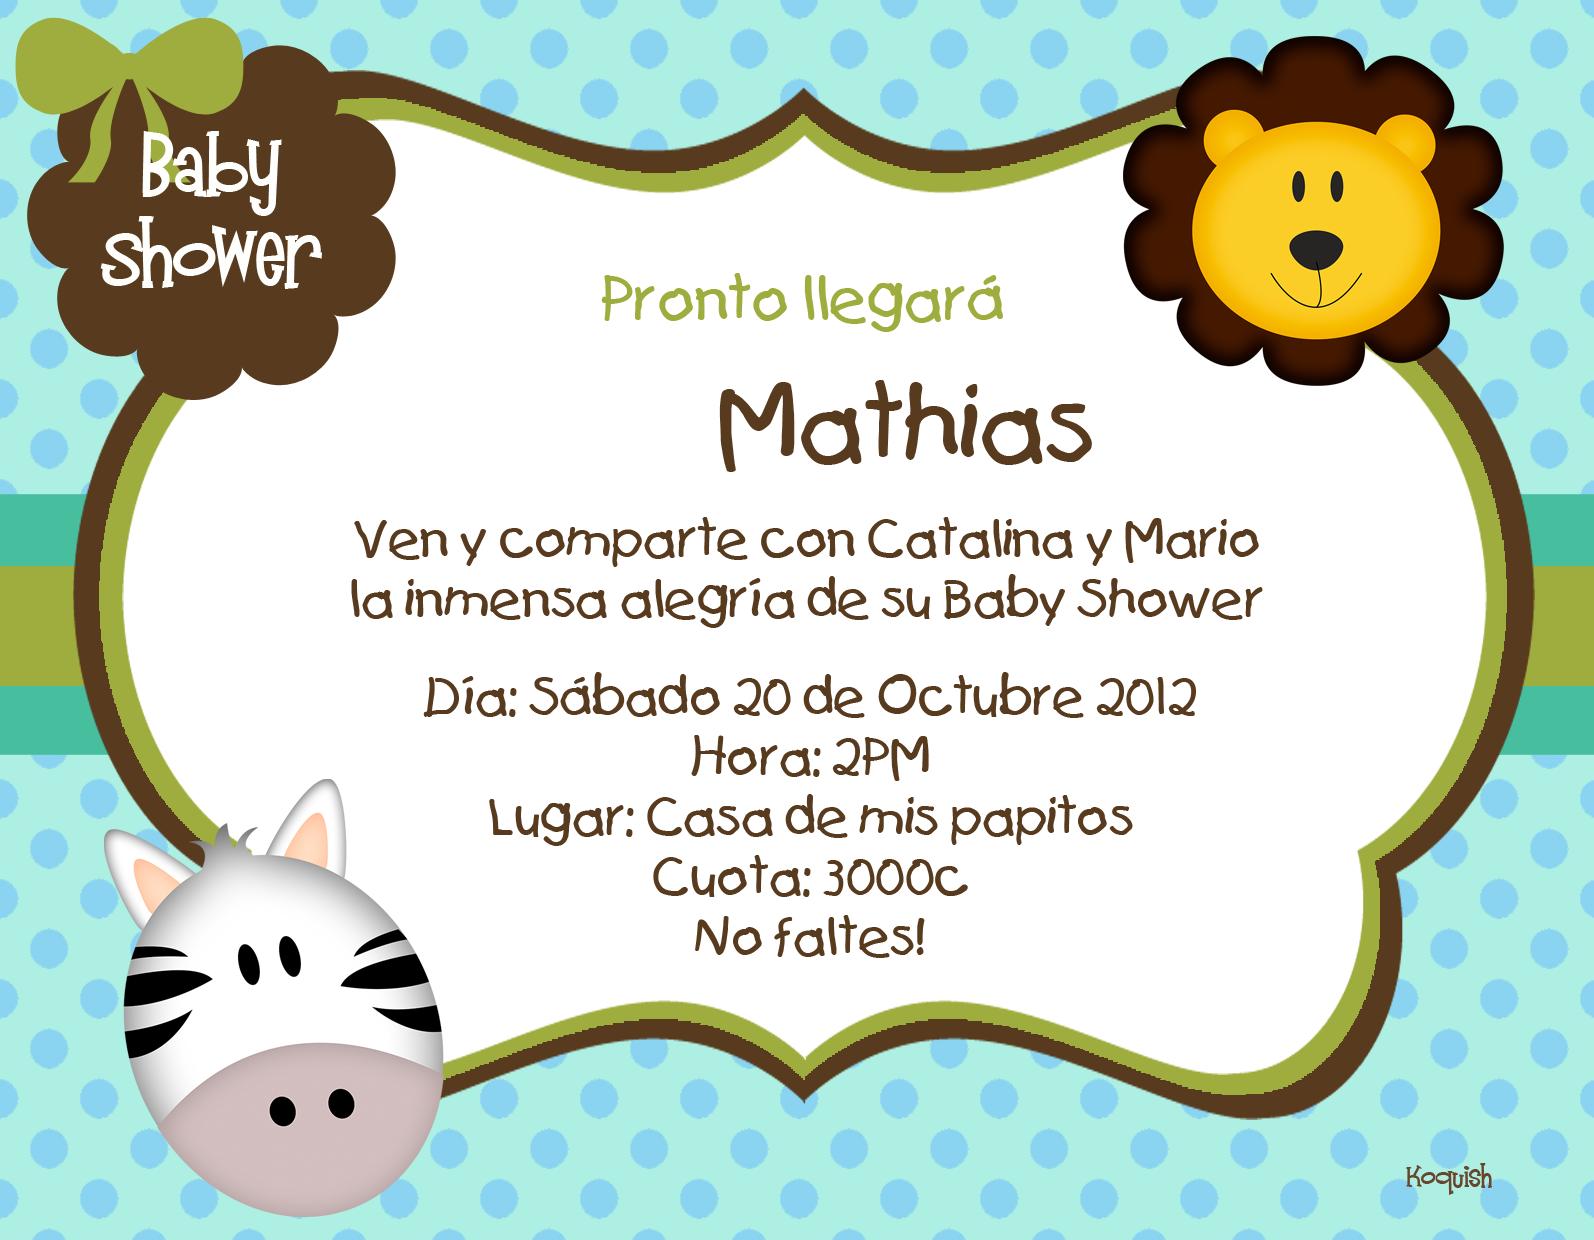 koquish invitaciones digitales para baby shower invitaciones para baby  shower 1594x1240